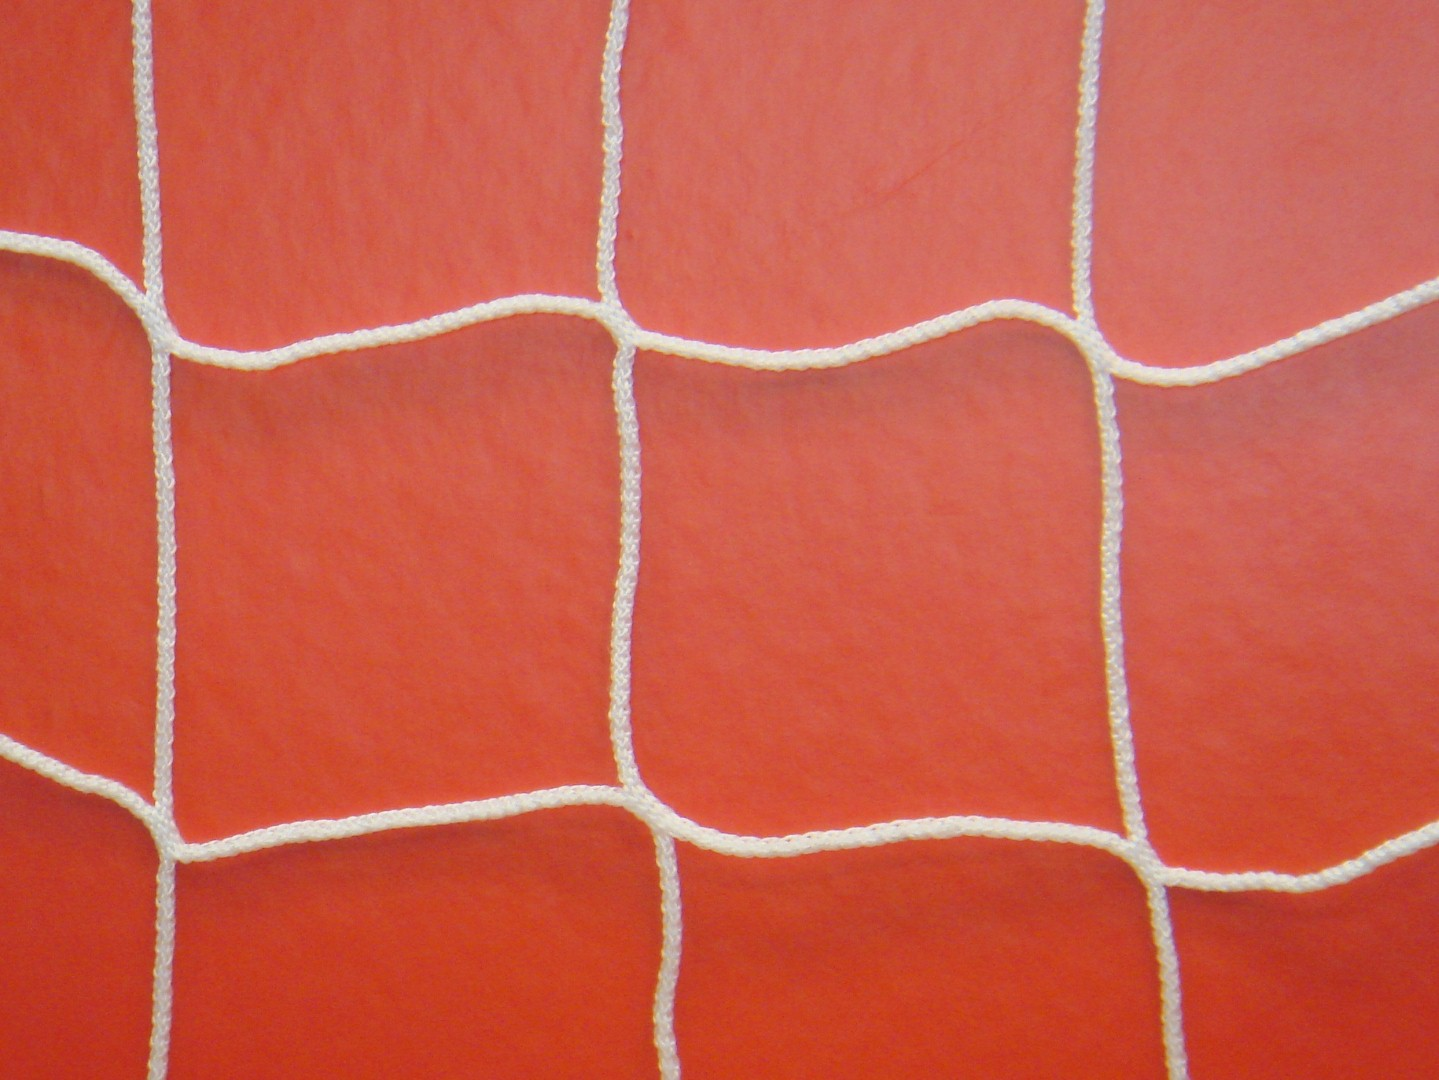 Rede baliza andebol futsal fio polipropileno 3mm – Fabrigimno 6100ac72cebc9